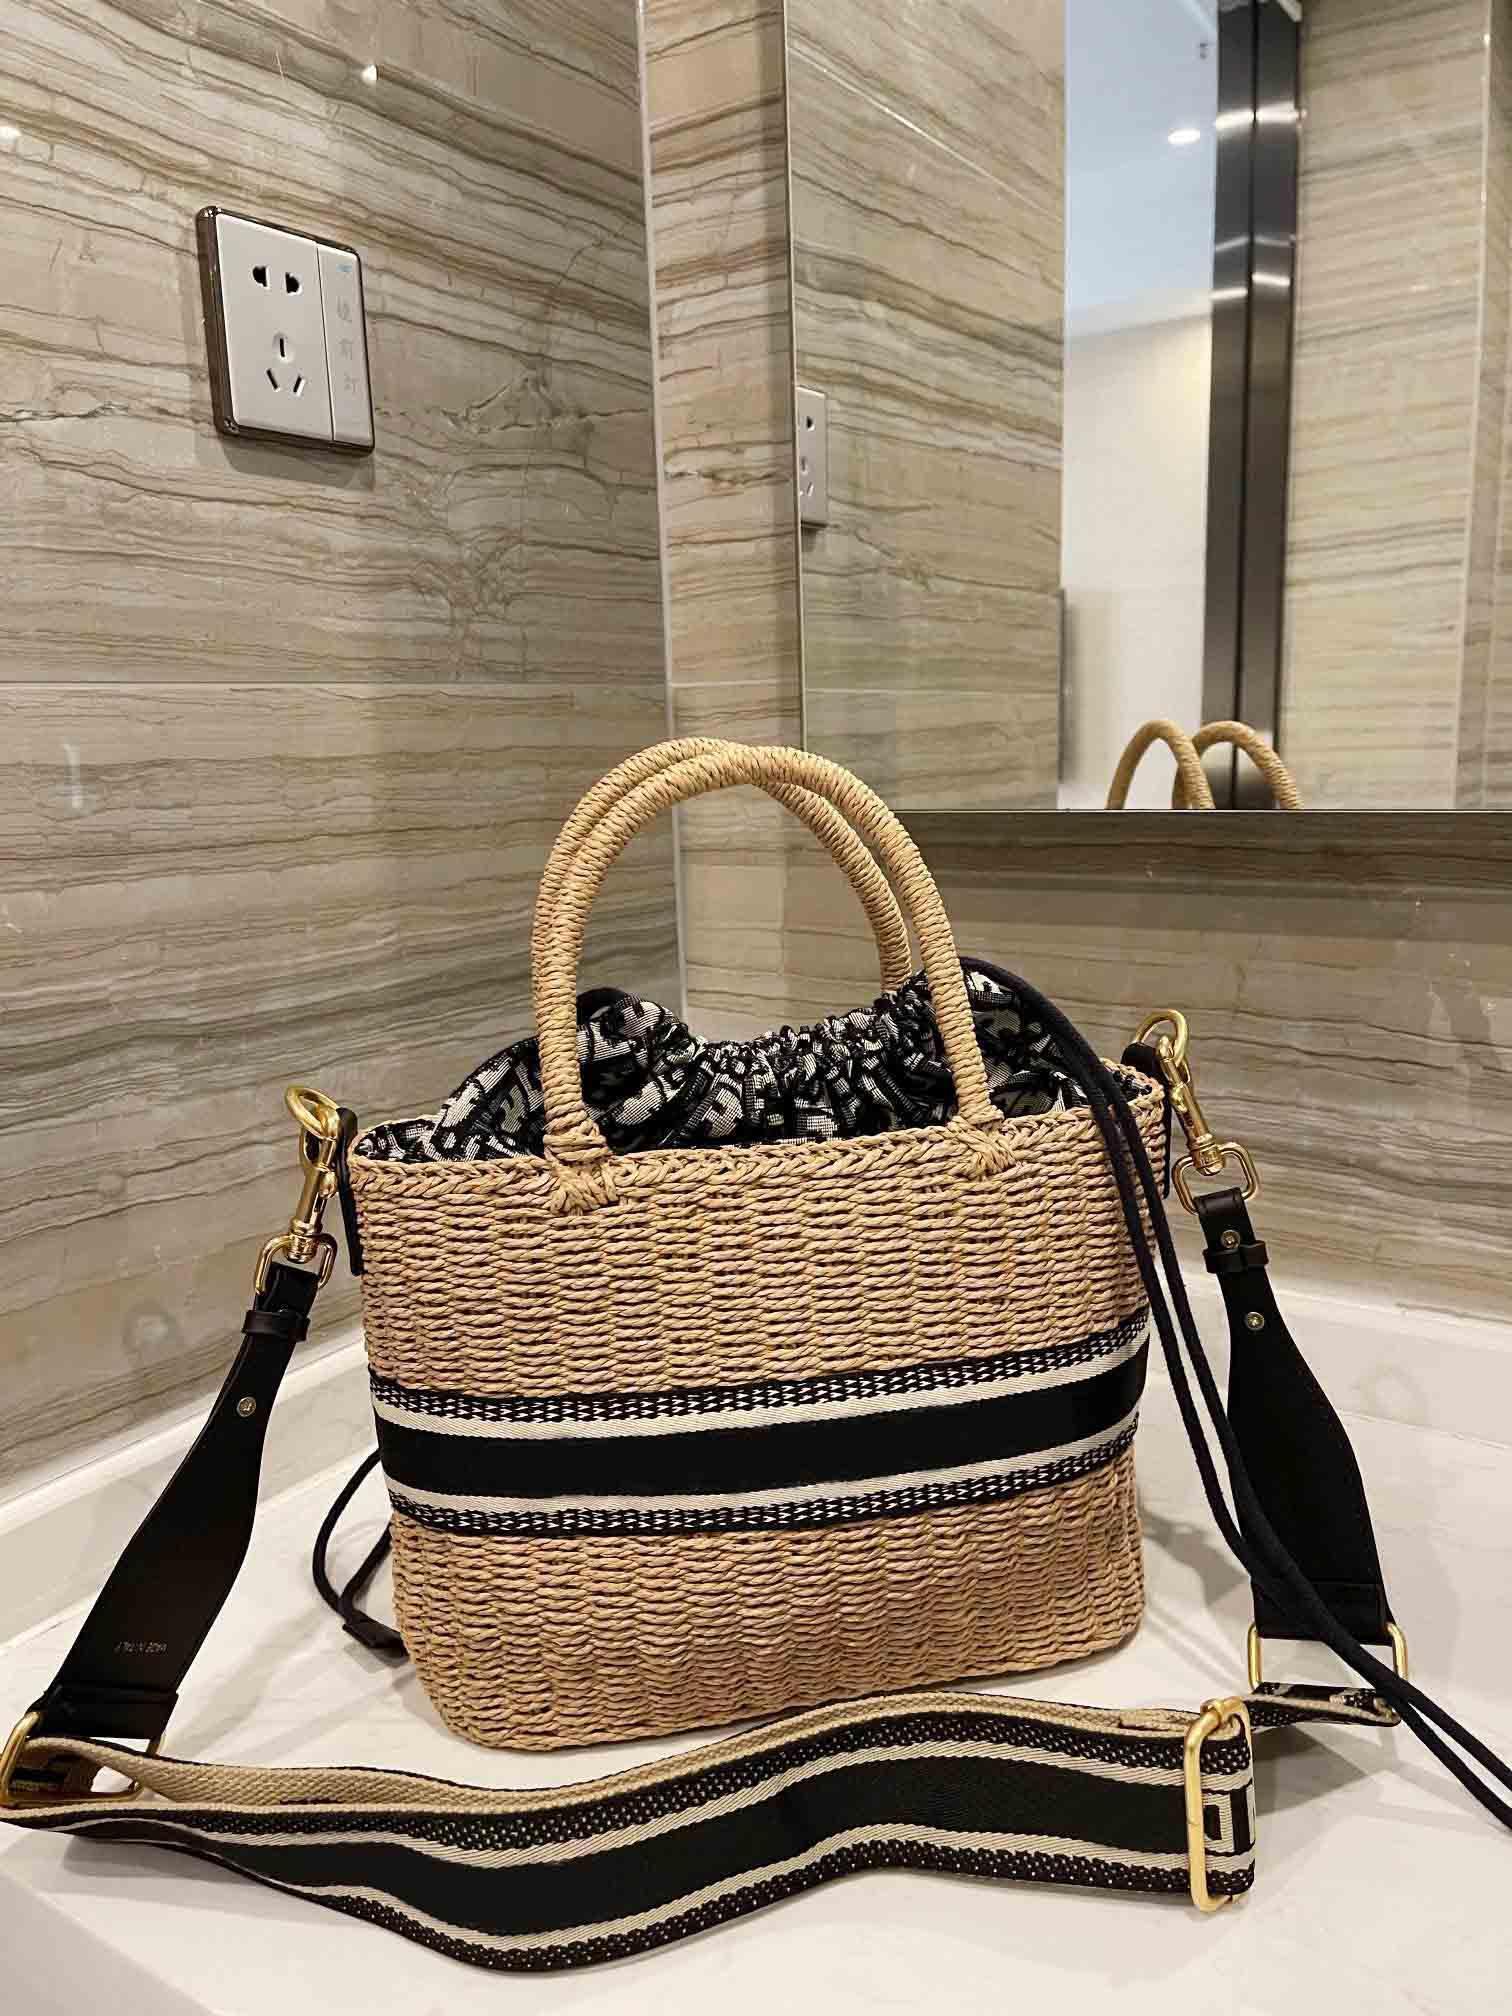 Kadın Tasarımcılar Tote Çanta Luxurys Crossbody Hanbags Wickers El Dokuma Örgü Saman Moda 2021 Hasır Sepet Çanta Yüksek Kalite Toptan